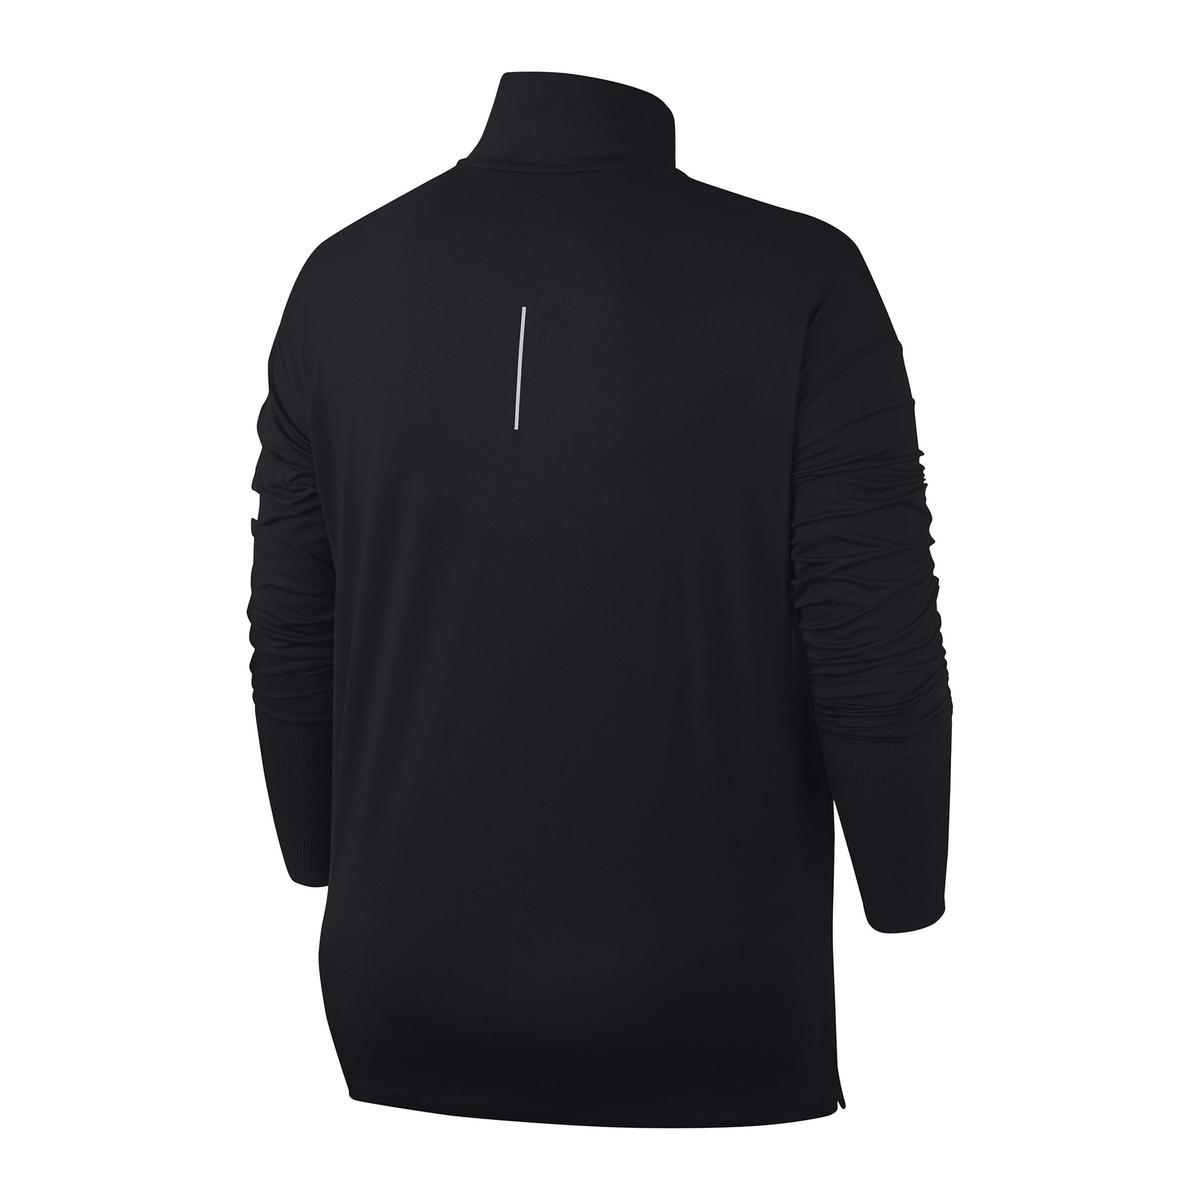 Imagen secundaria de producto de Camiseta para mujer de manga larga, con cremallera - Nike